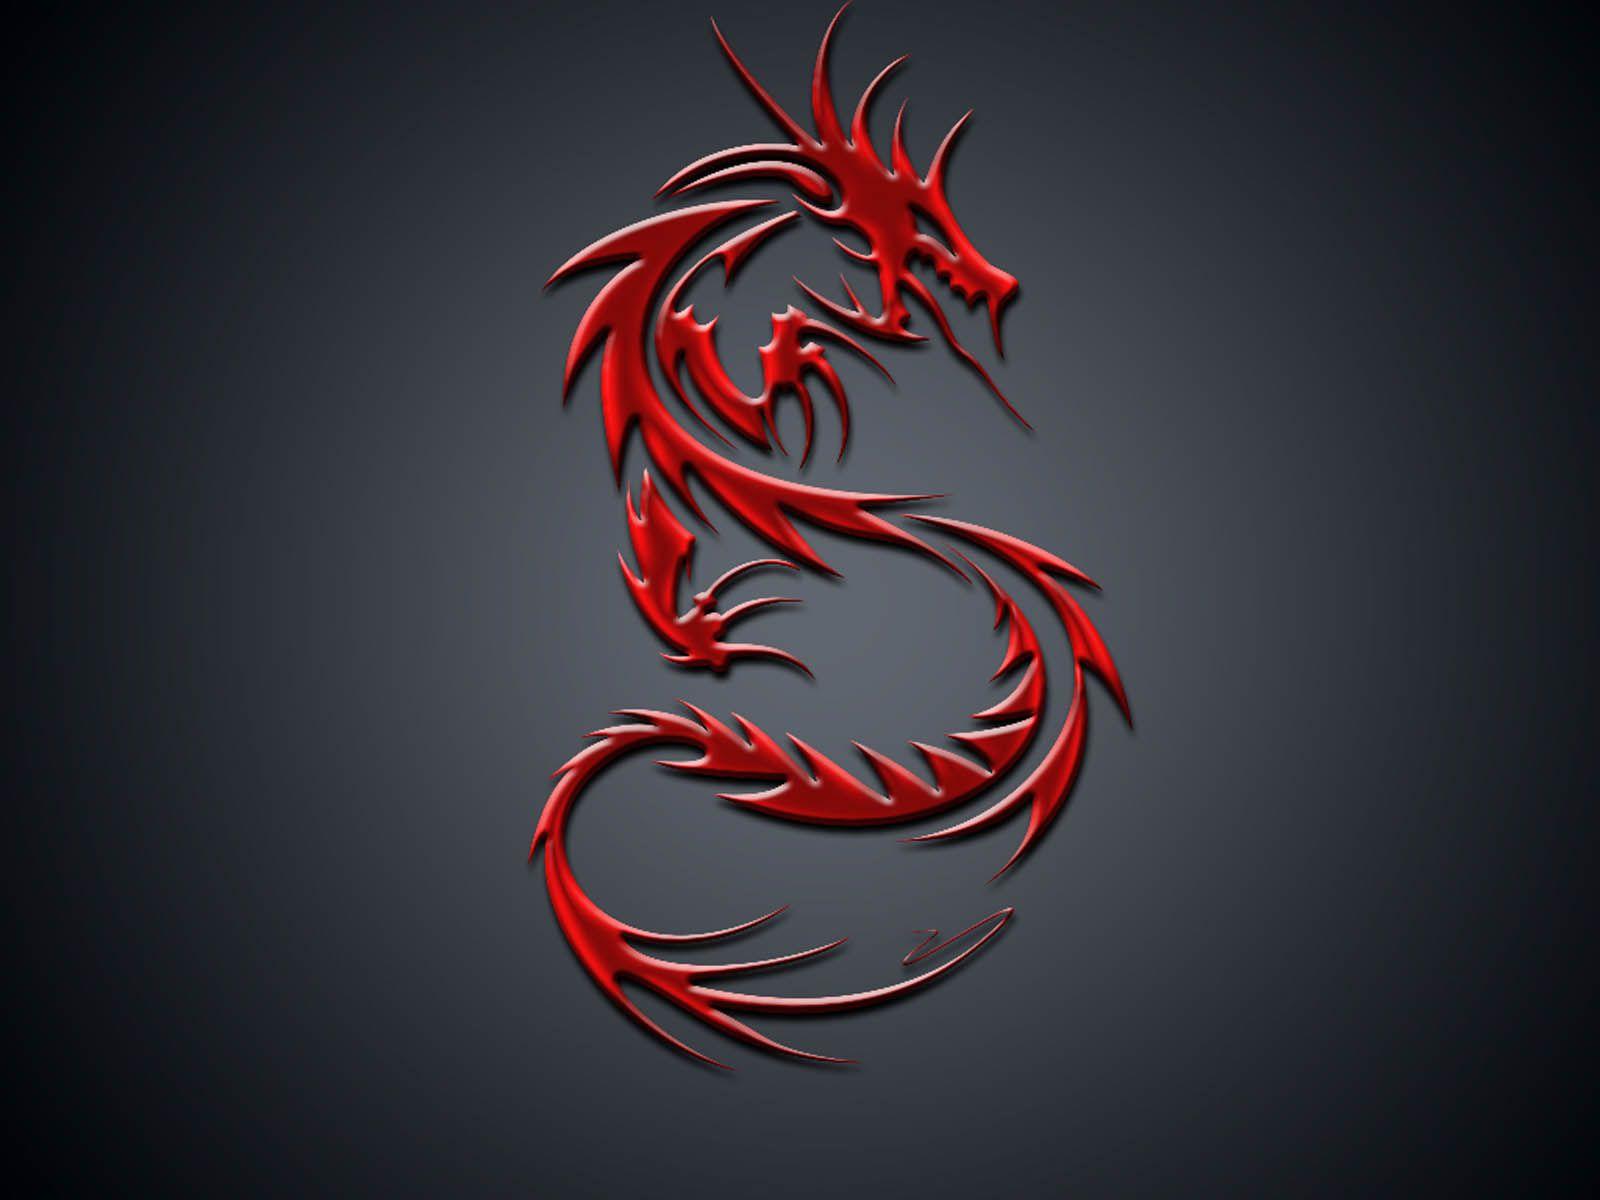 dragon wallpaper ( not msi ) | msi dragon gaming logo's | pinterest